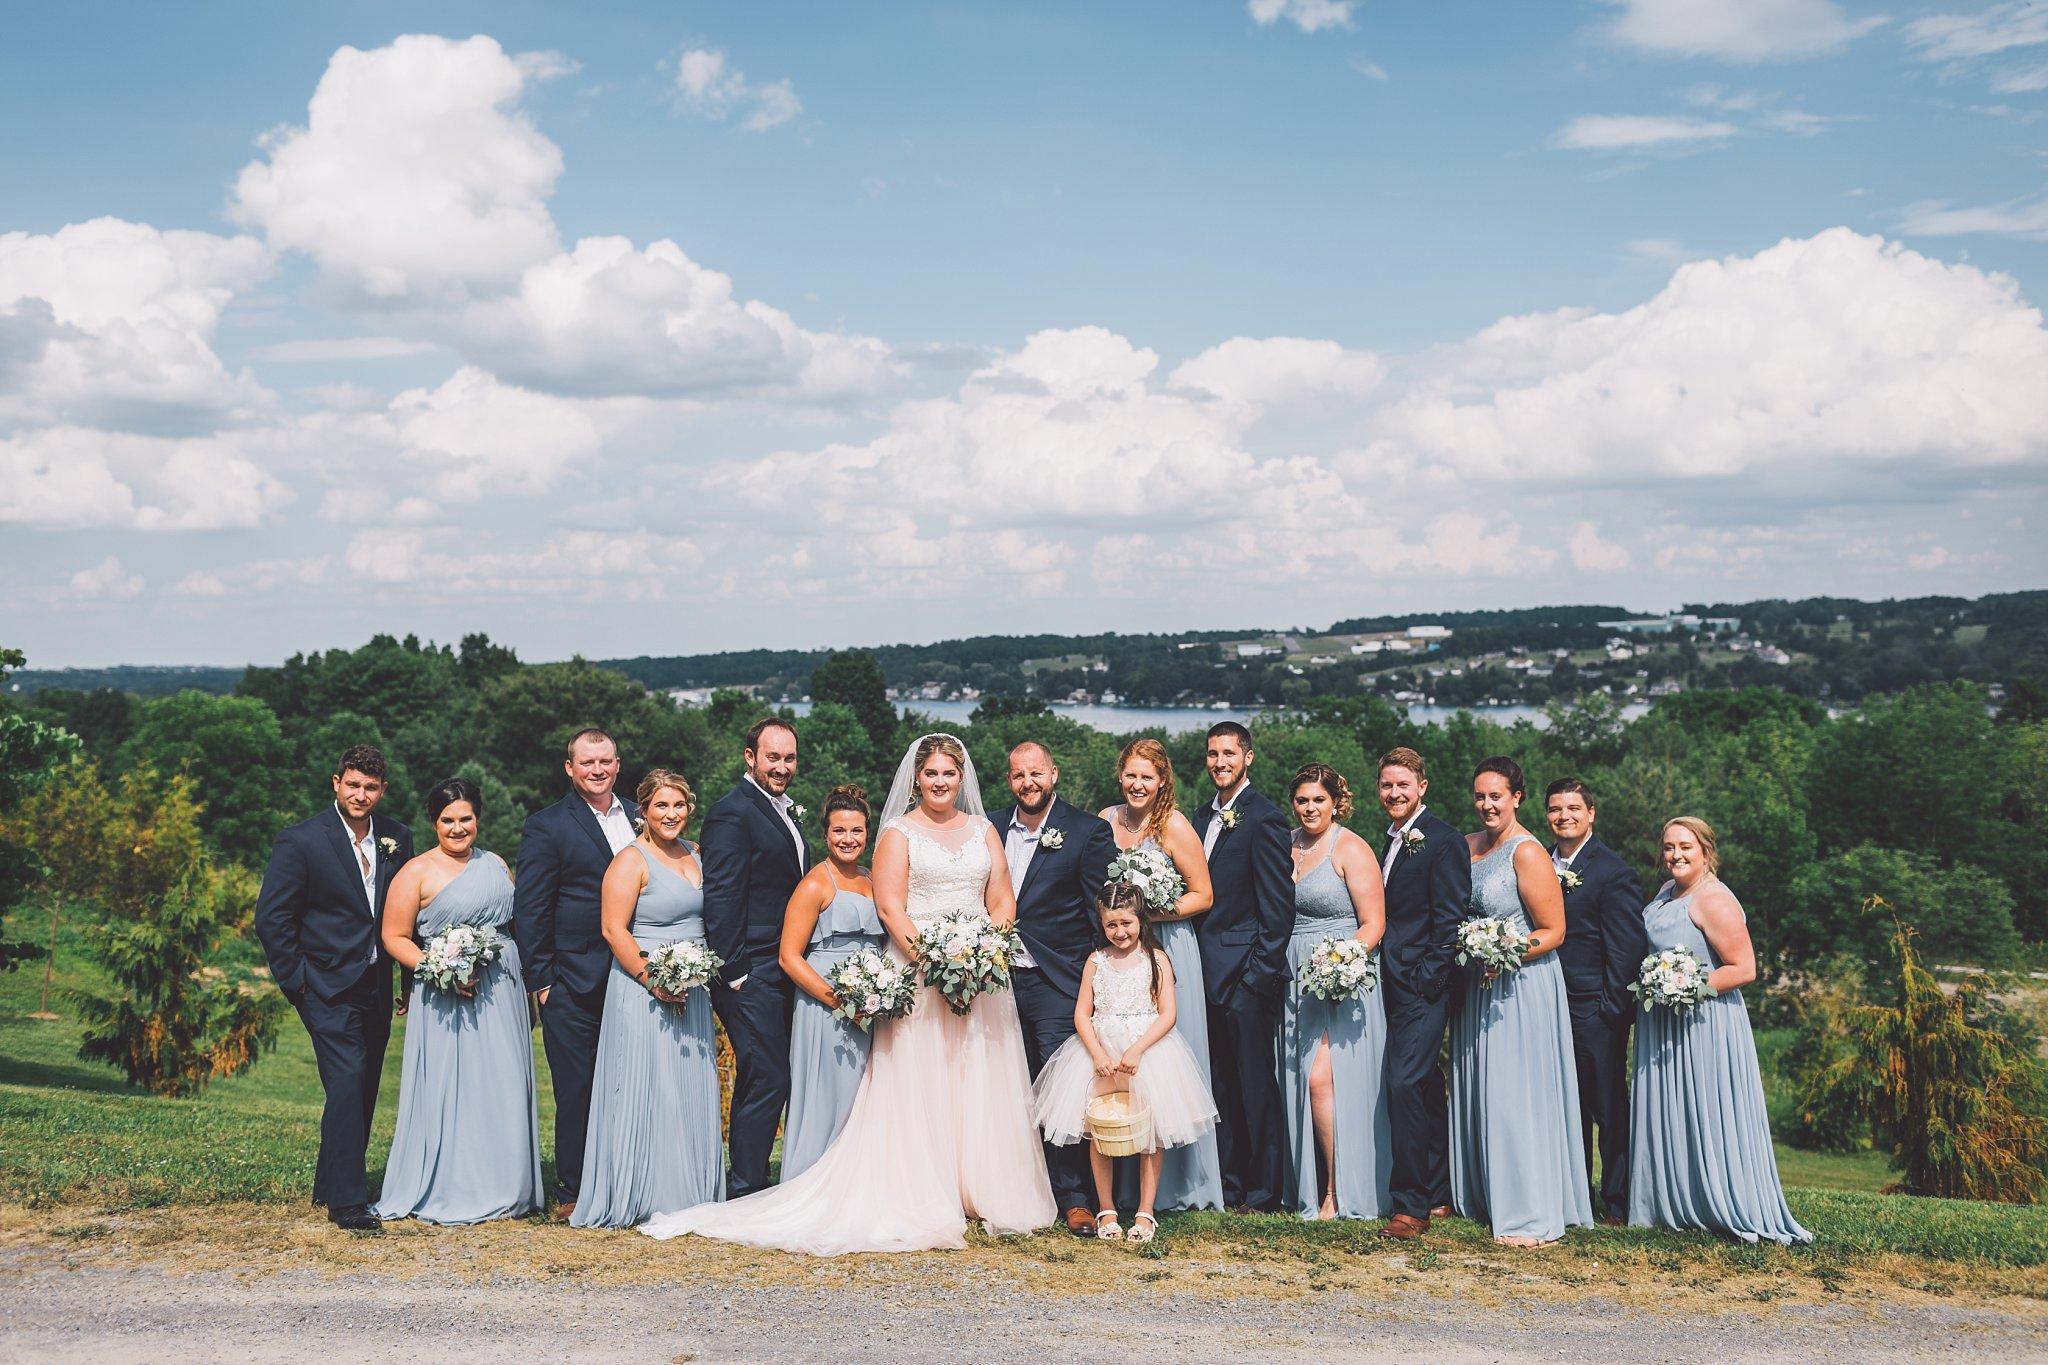 finger lakes wedding photography larkin and trevor_0089.jpg